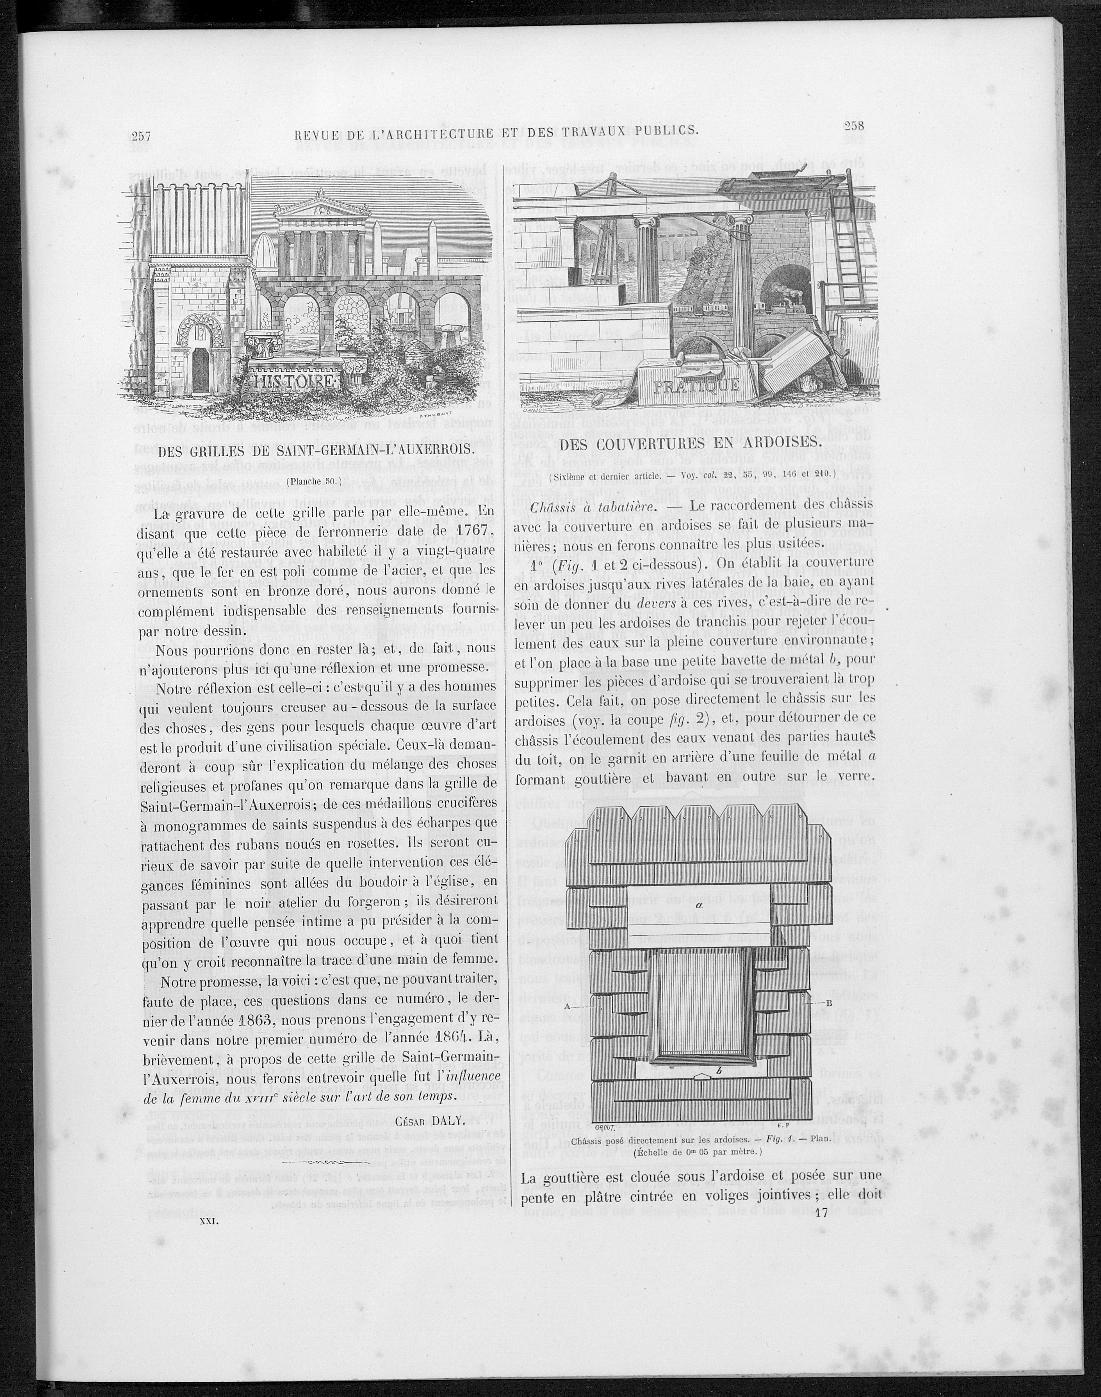 La revue générale de l'architecture, no. 6, 1863 |